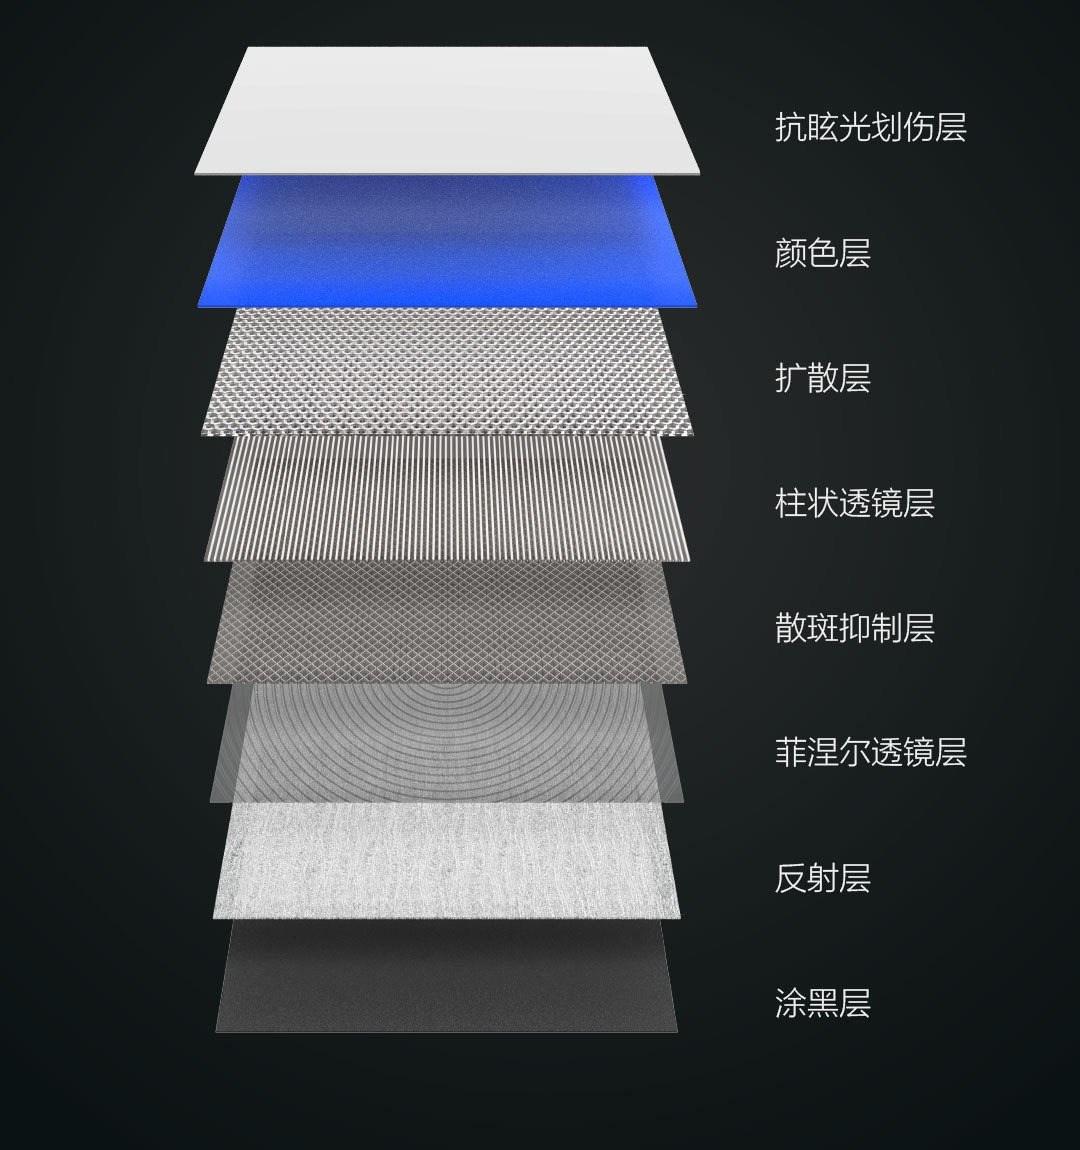 Xiaomi представила 100-дюймовый телевизор с лазерной проекцией за 88